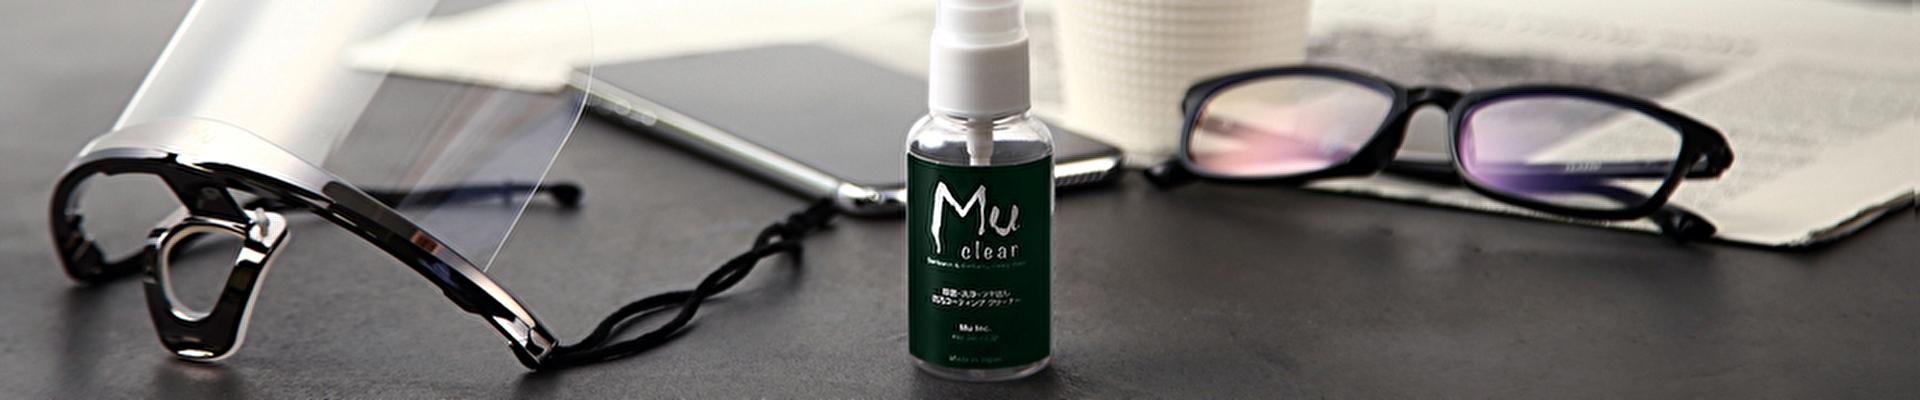 Mu clear